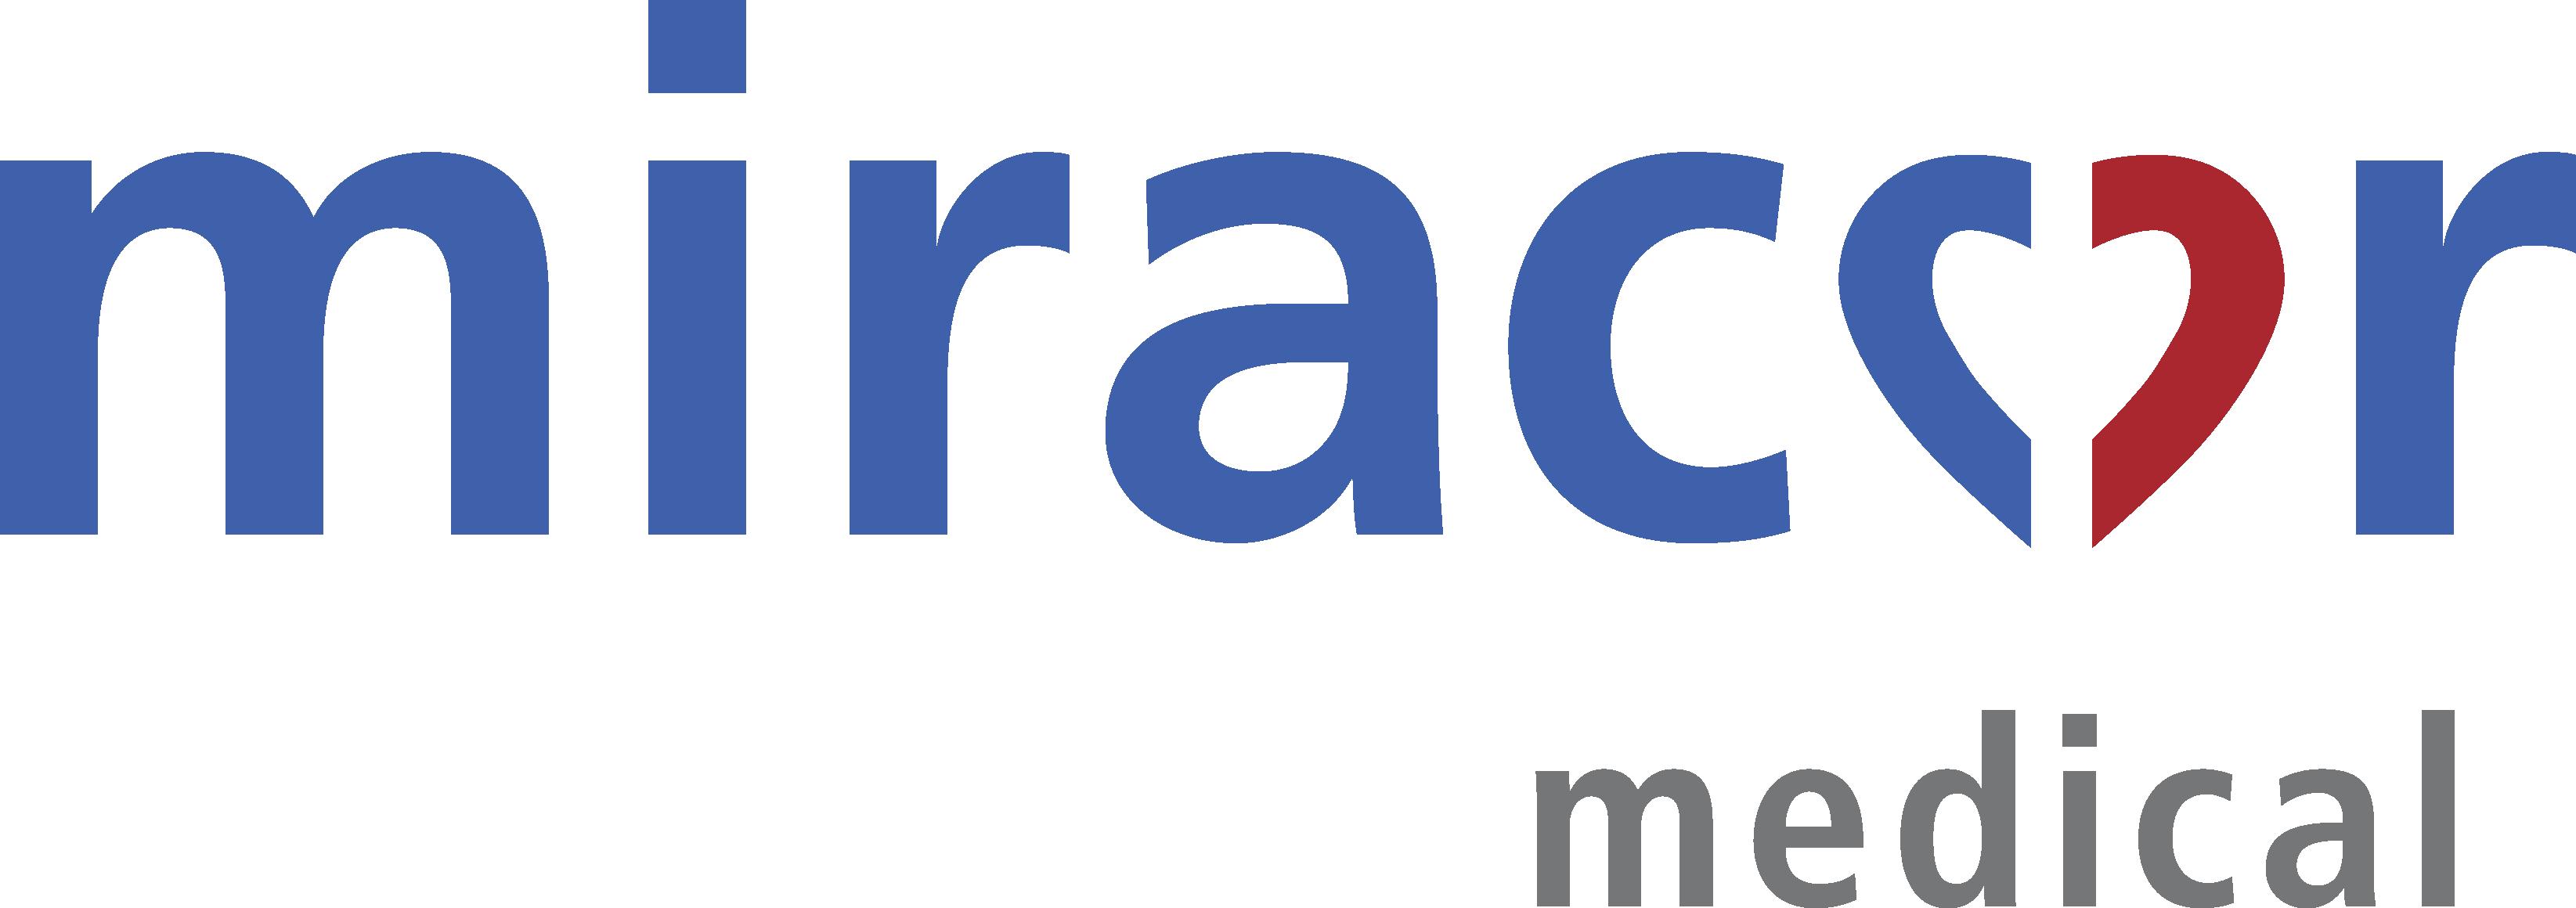 Miracor logo